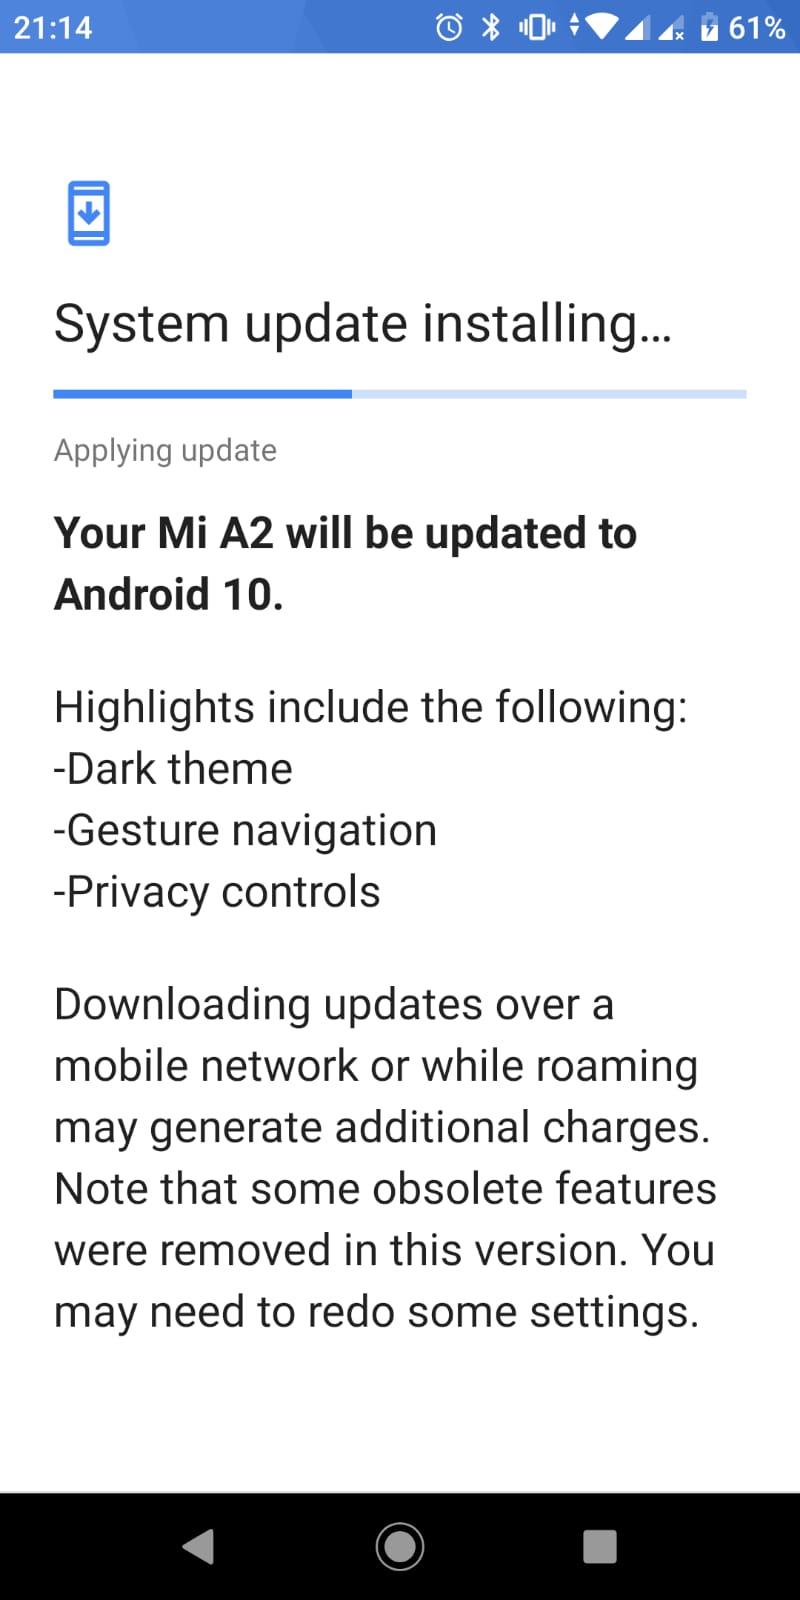 Xiaomi Mi A2 si A3 au primit update la Android 10.